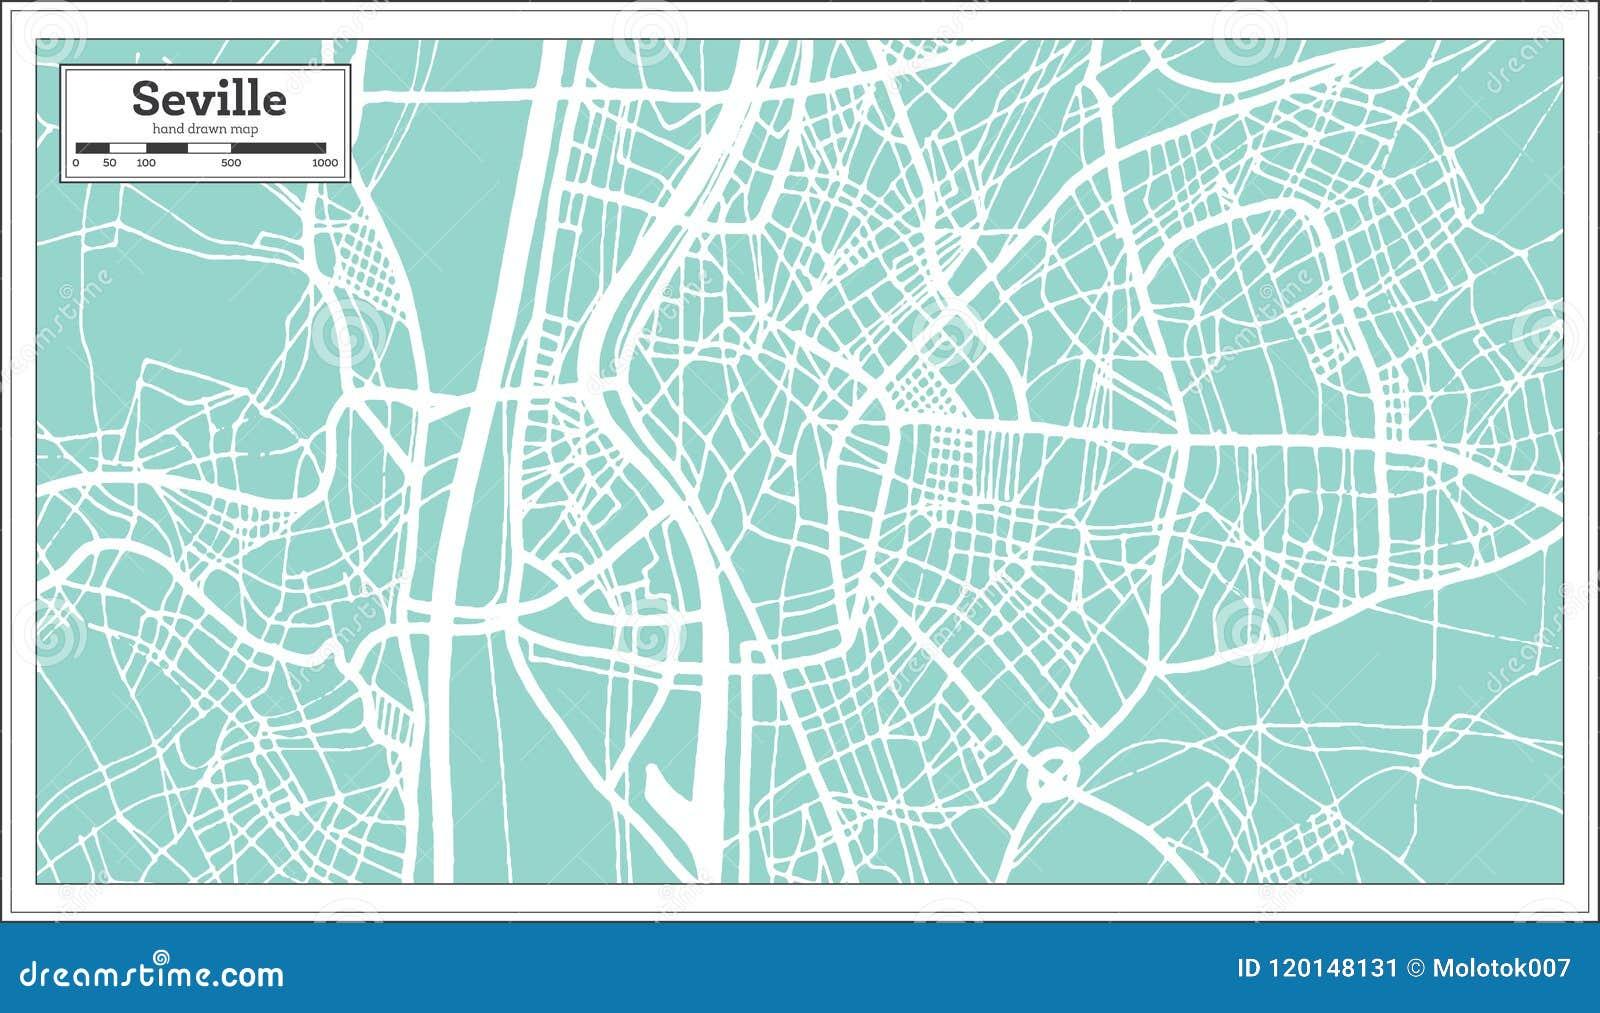 Mapa Da Cidade Da Espanha De Sevilha No Estilo Retro Ilustracao